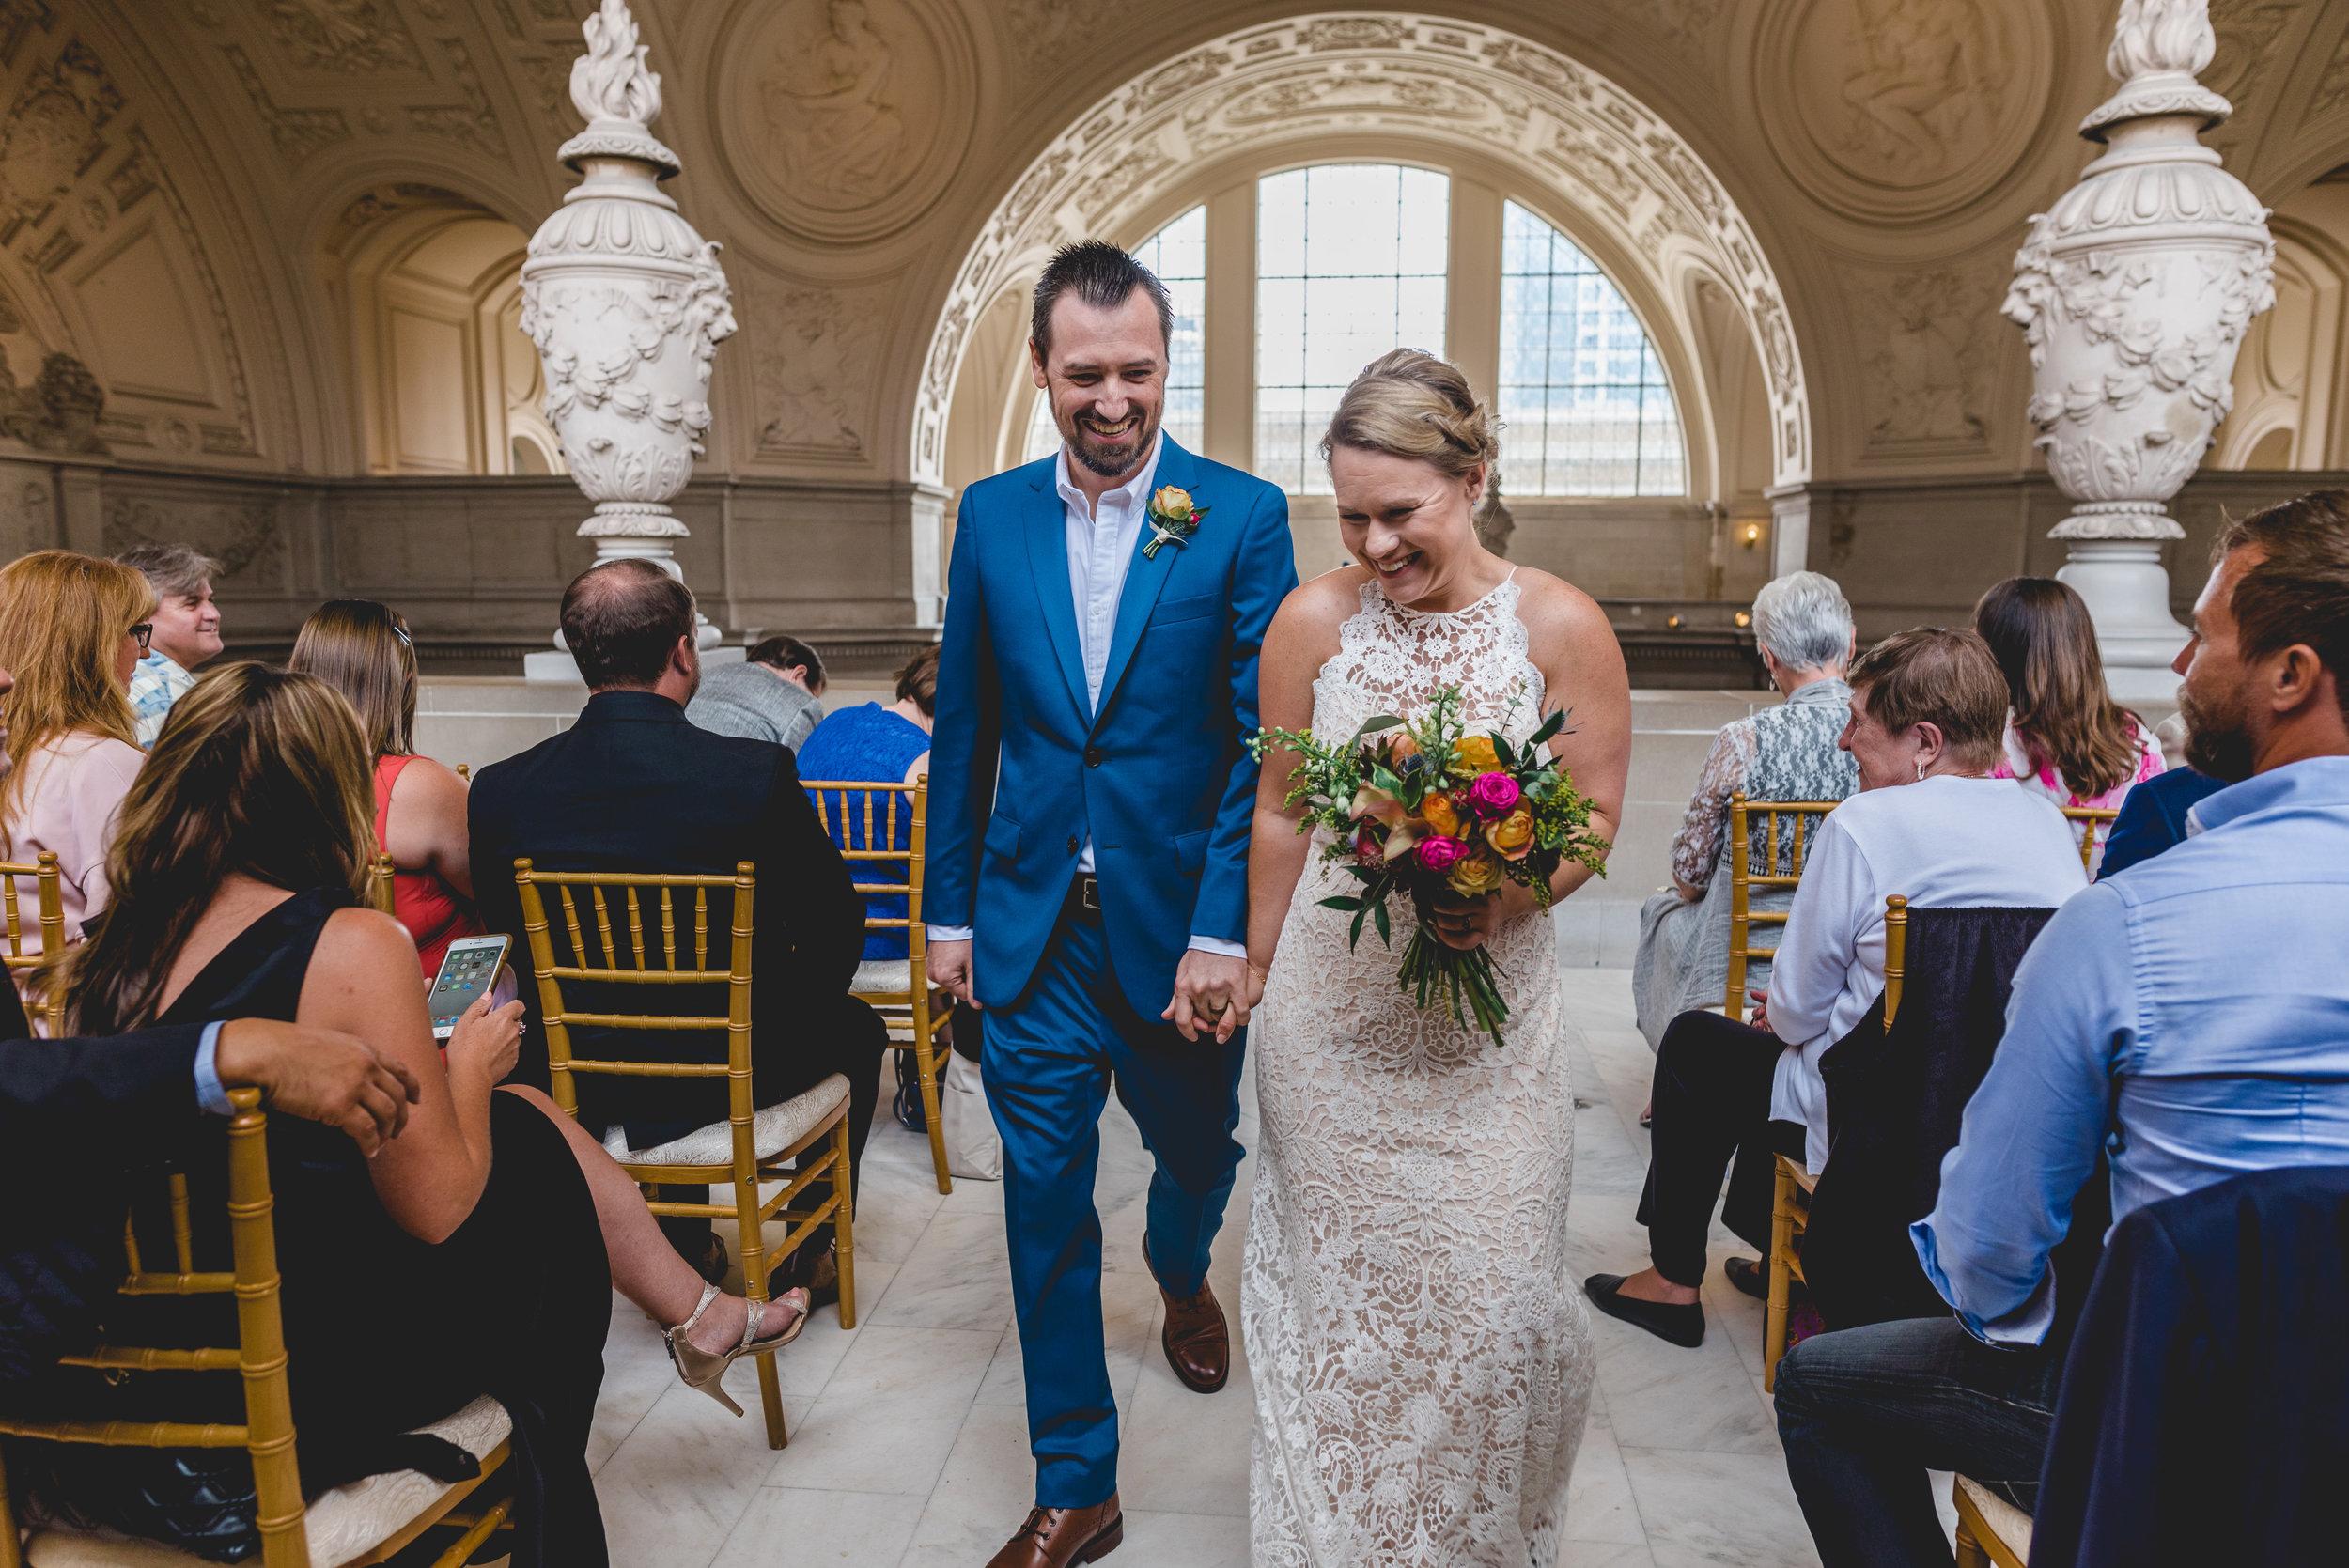 mcdaniels_conroy-wedding-ceremony-125.jpg